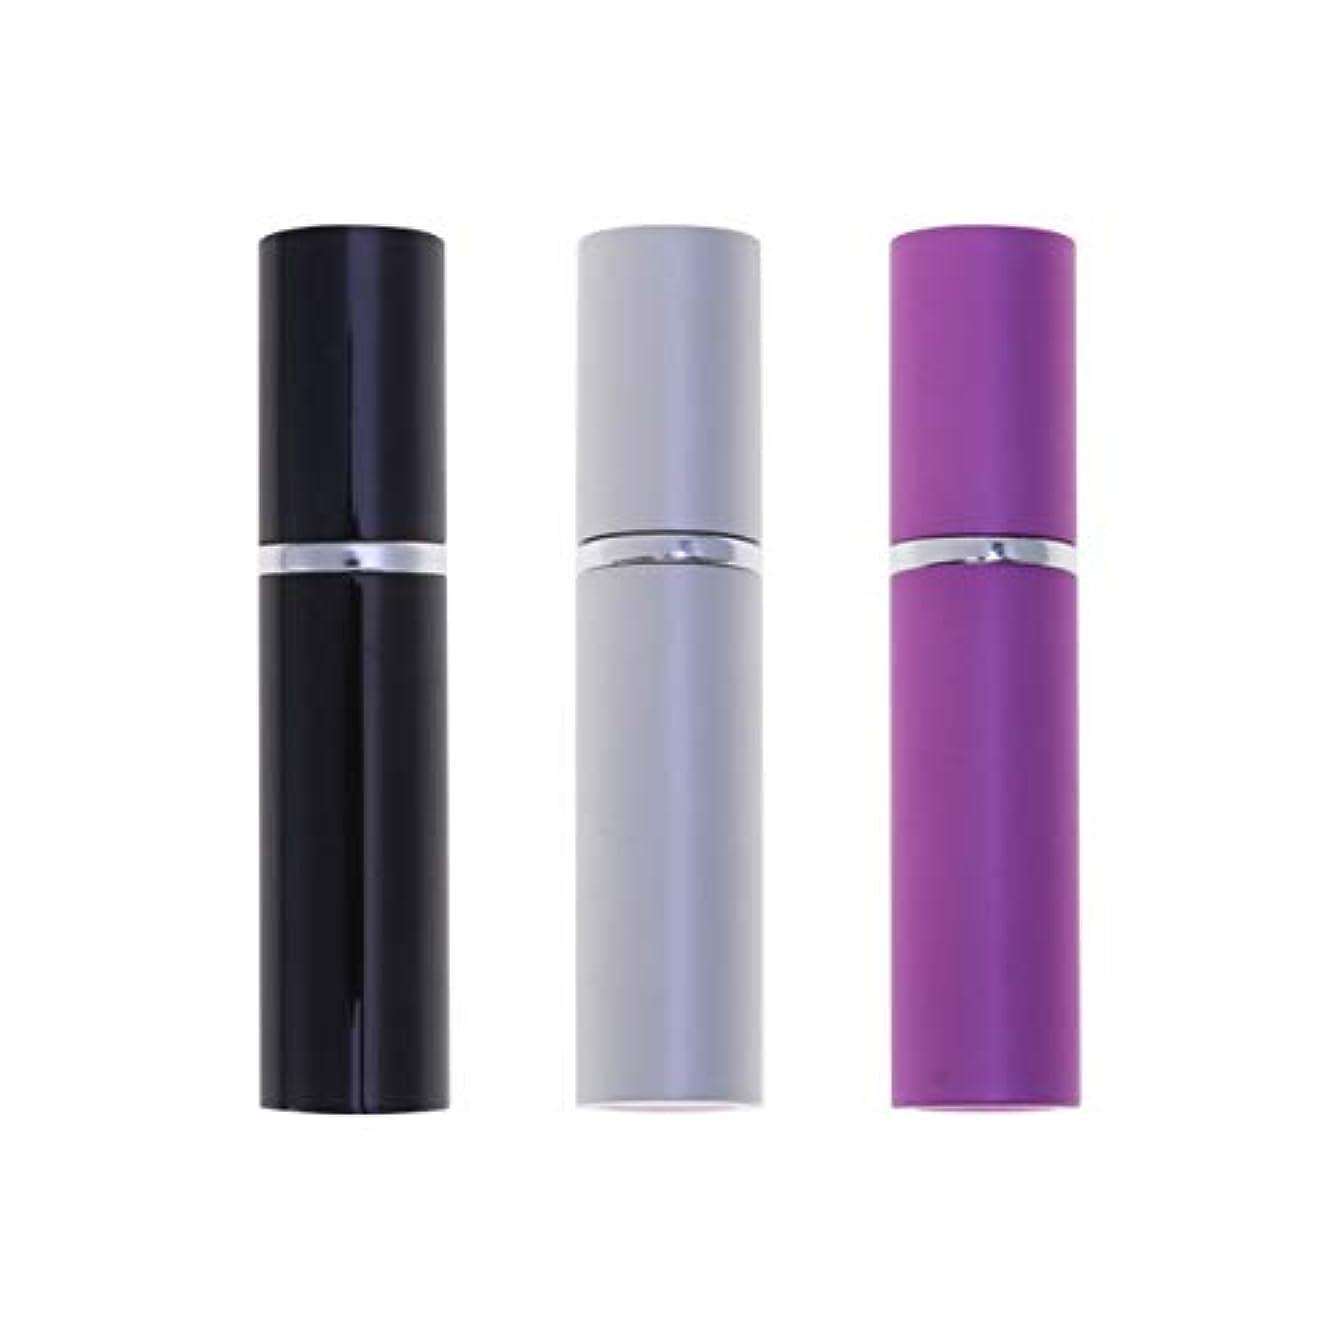 シネマ確かめる葬儀Healifty 3pcsの女性の男性のための詰め替え香水アトマイザーボトルアルミ空の香水の容器スプレー屋外トラベル旅ツアー5ミリリットル(黒パープルシルバー)